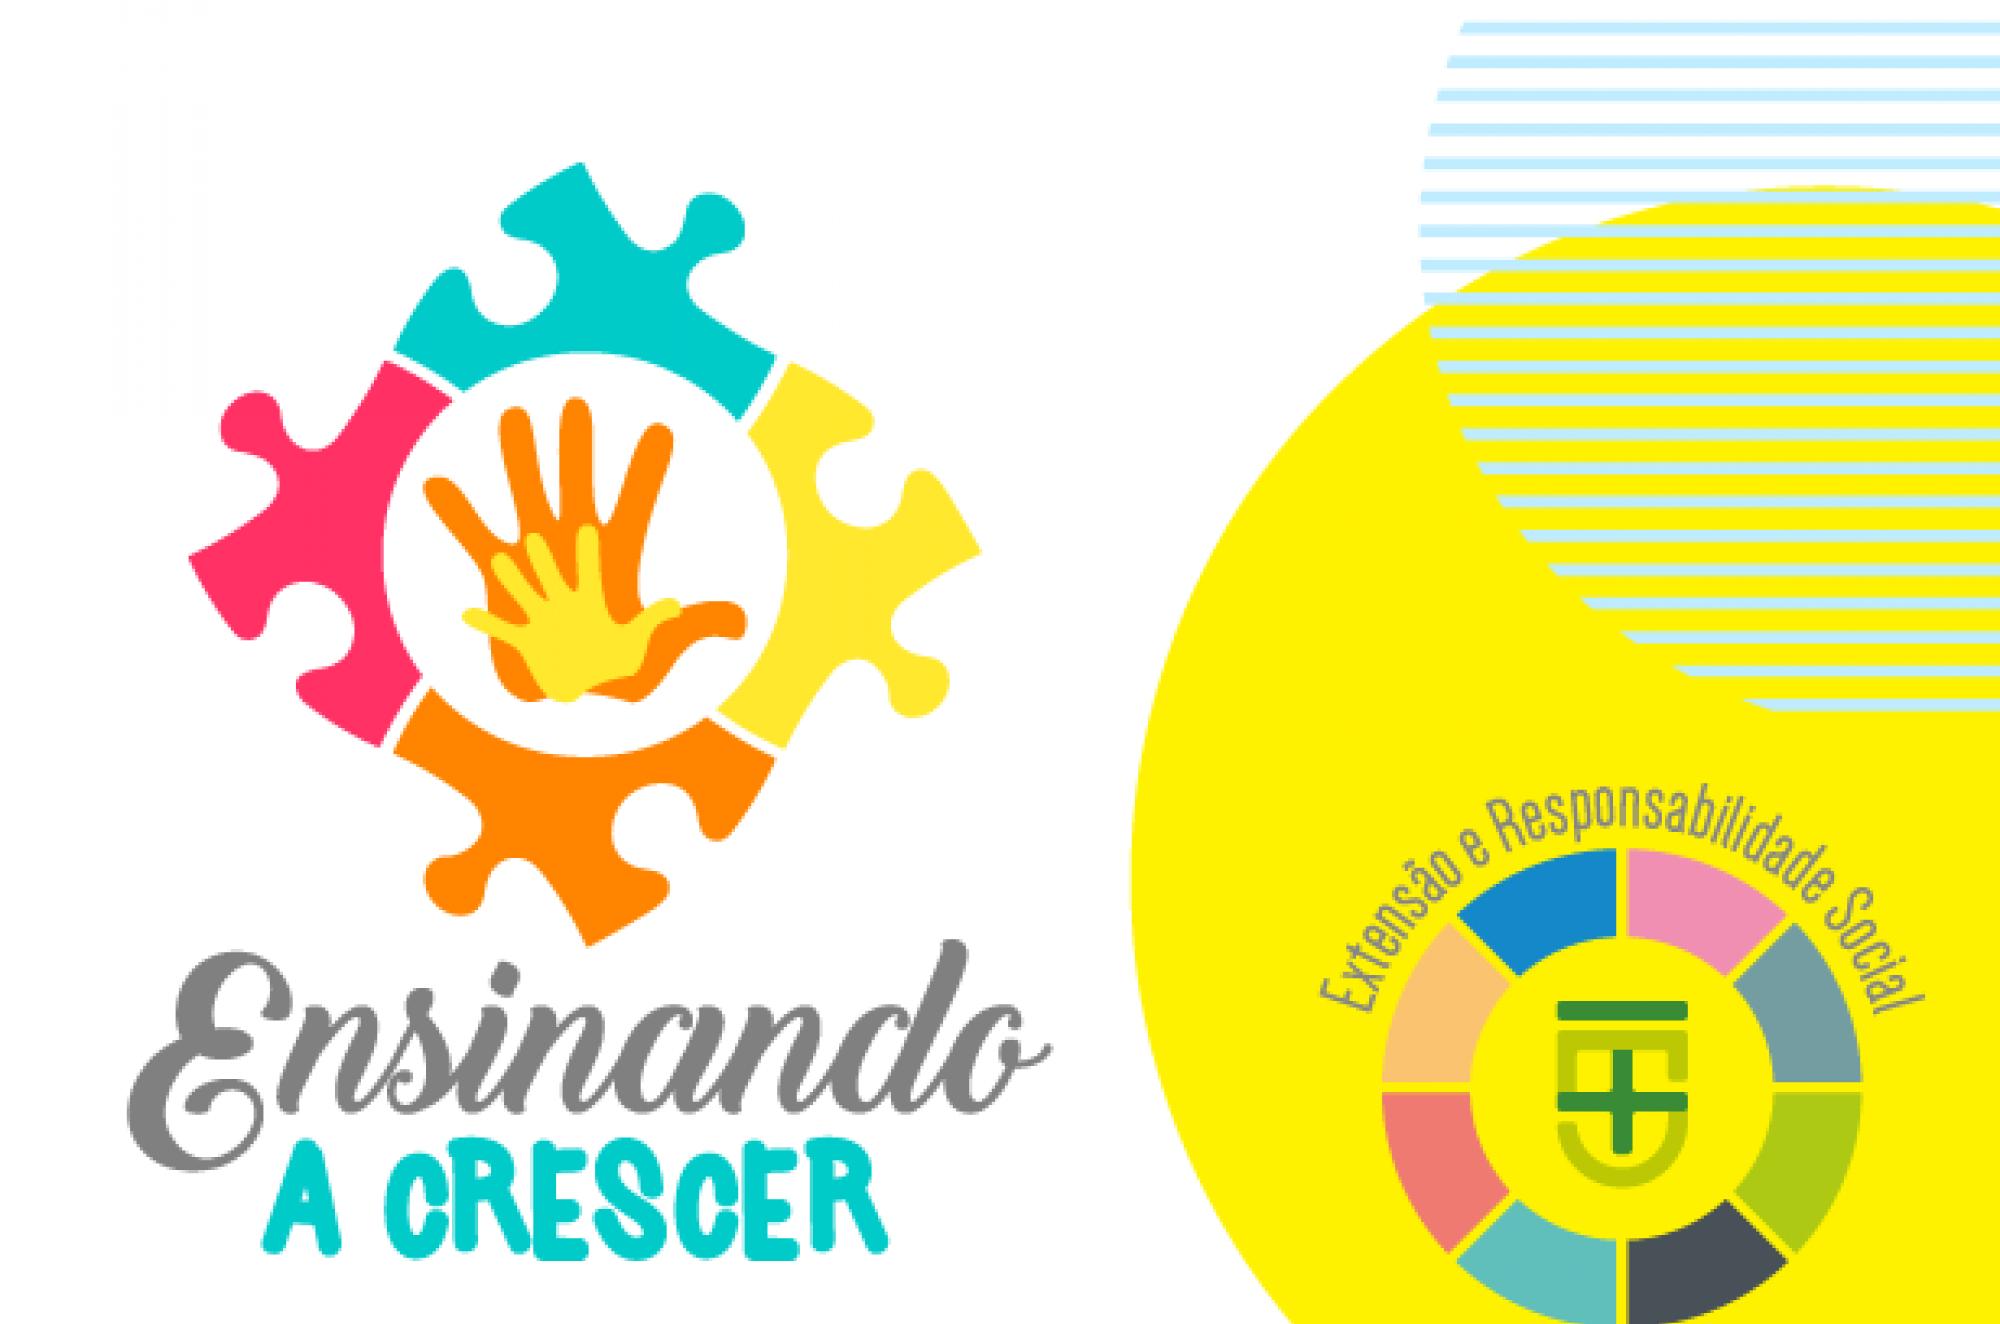 PROJETO DE EXTENSÃO ENSINANDO A CRESCER 2021 - RESULTADO